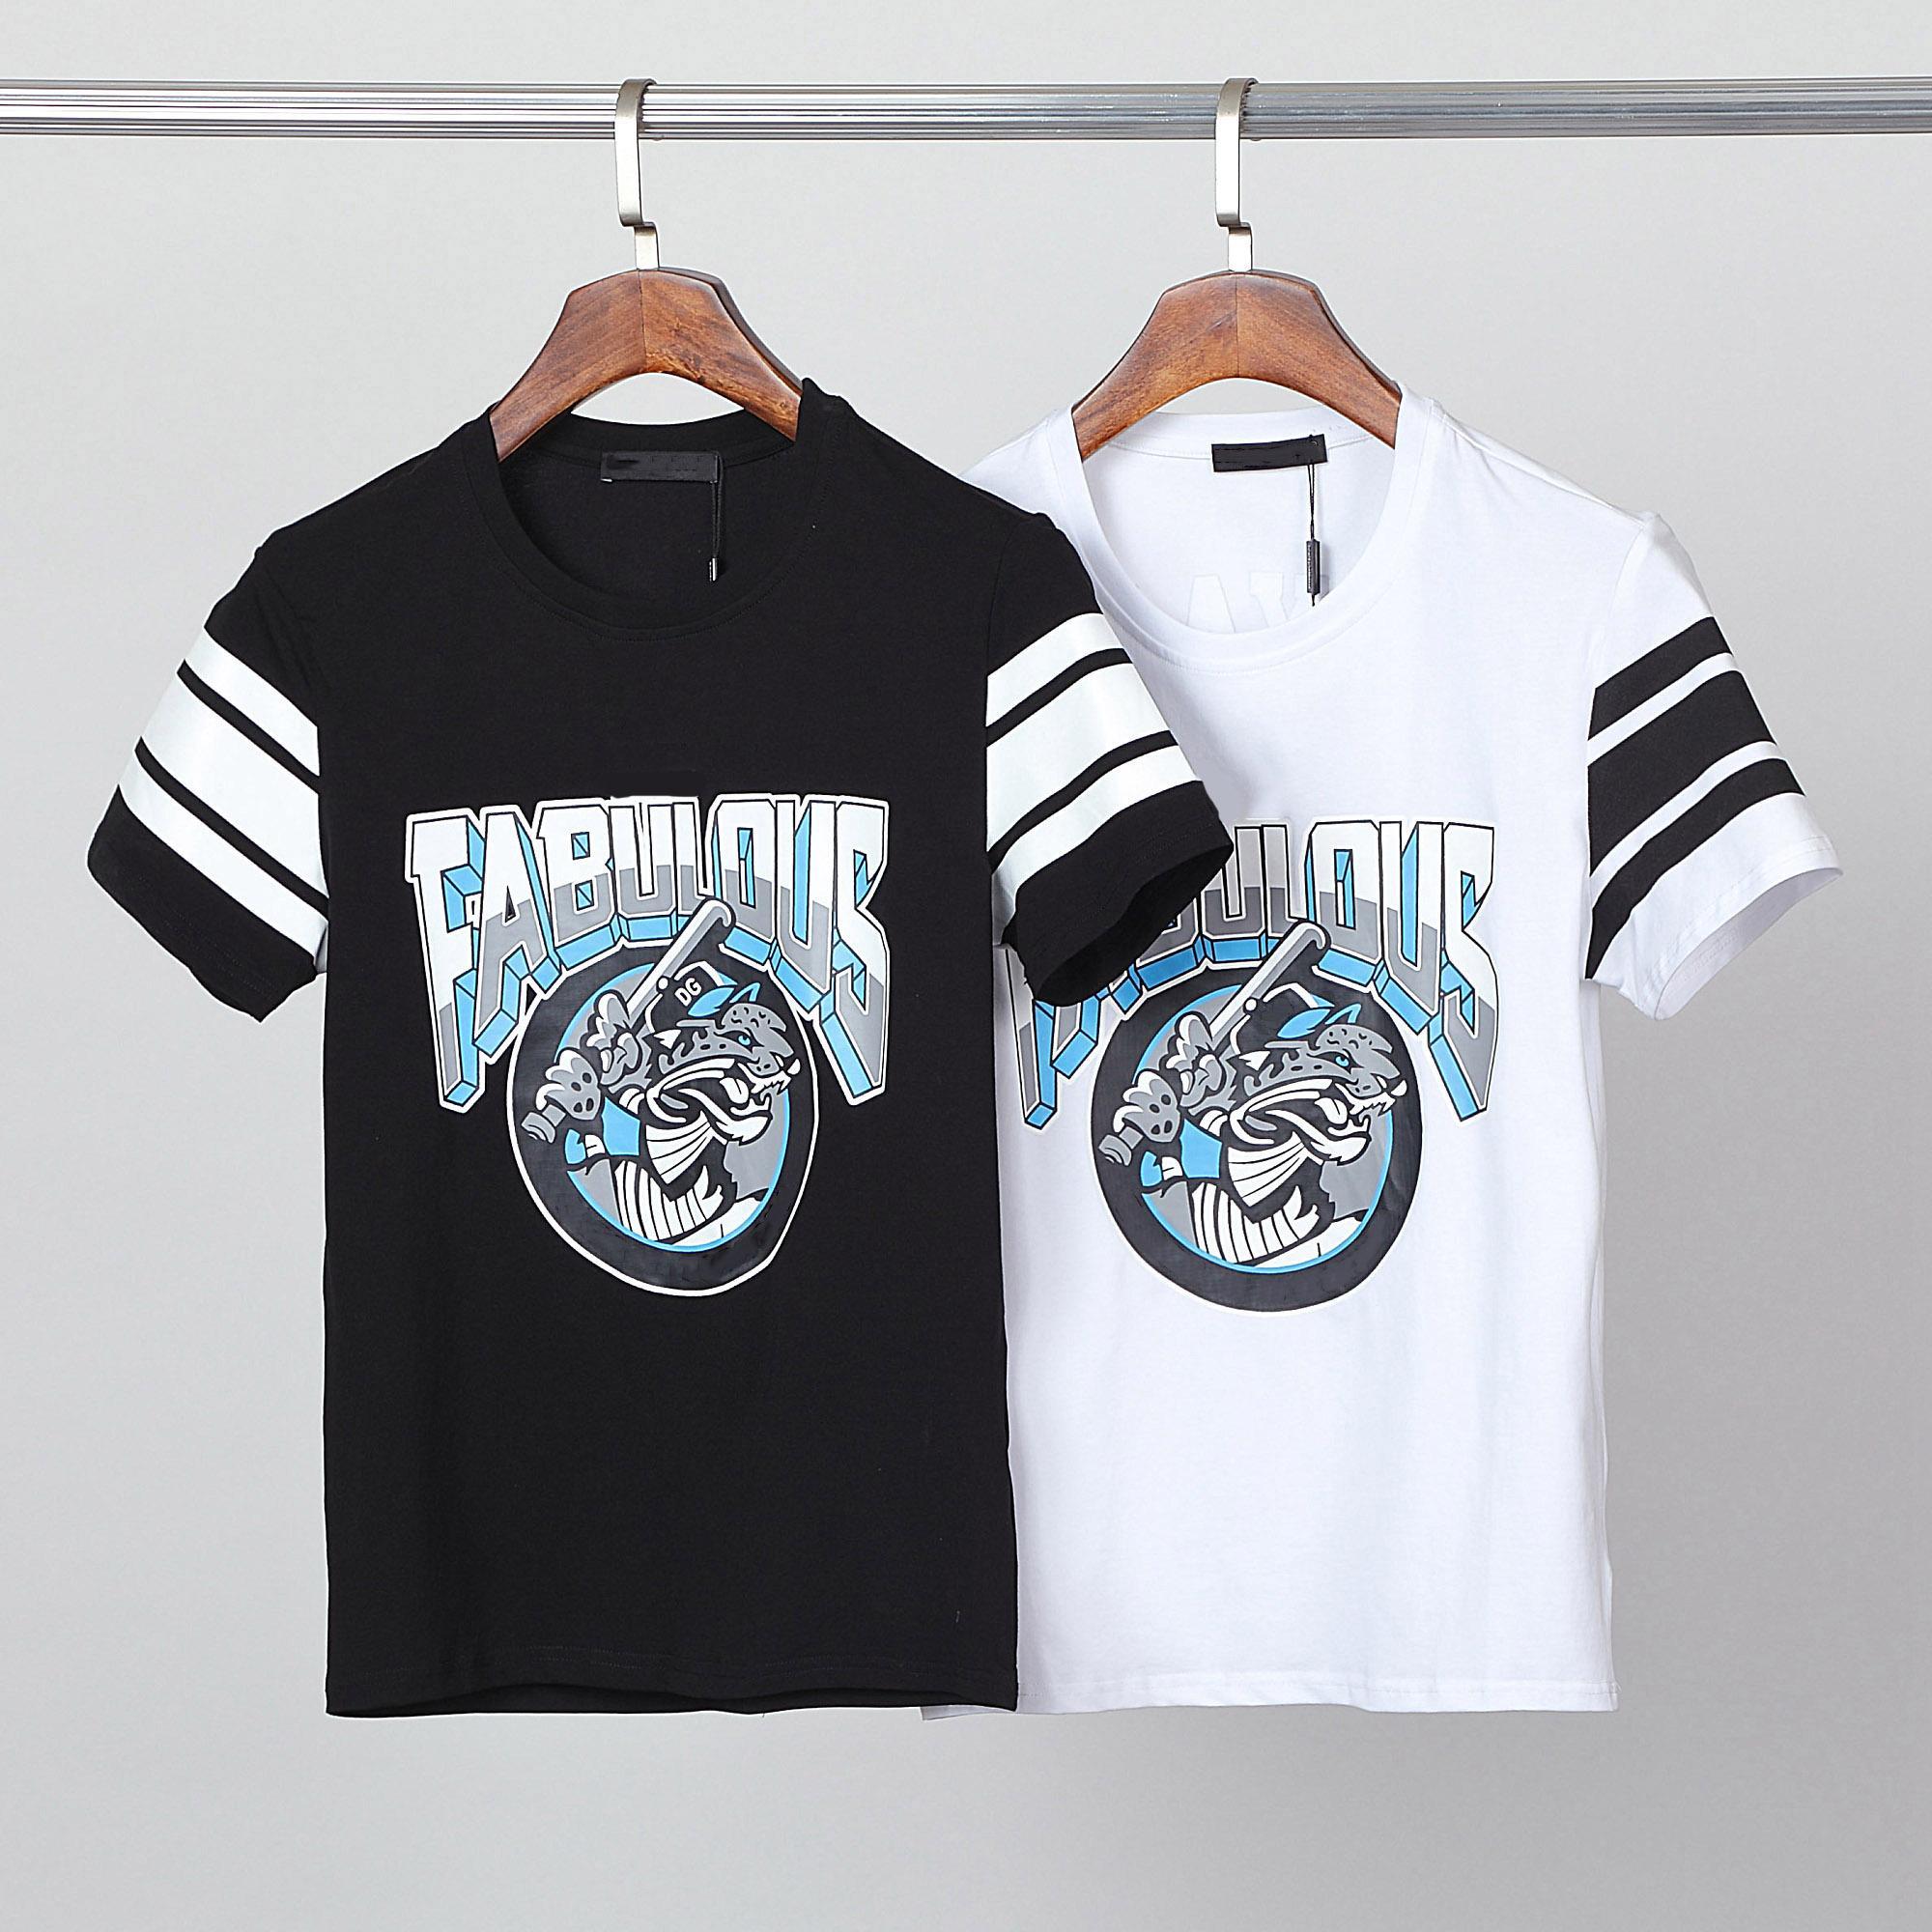 클래식 크라운 킹 스타일리스트 남자 티셔츠 # 008 유럽 밀라노 패션 여름 짧은 소매 럭셔리 로얄 스트리트웨어 탑 디자이너 남성 캐주얼 티셔츠